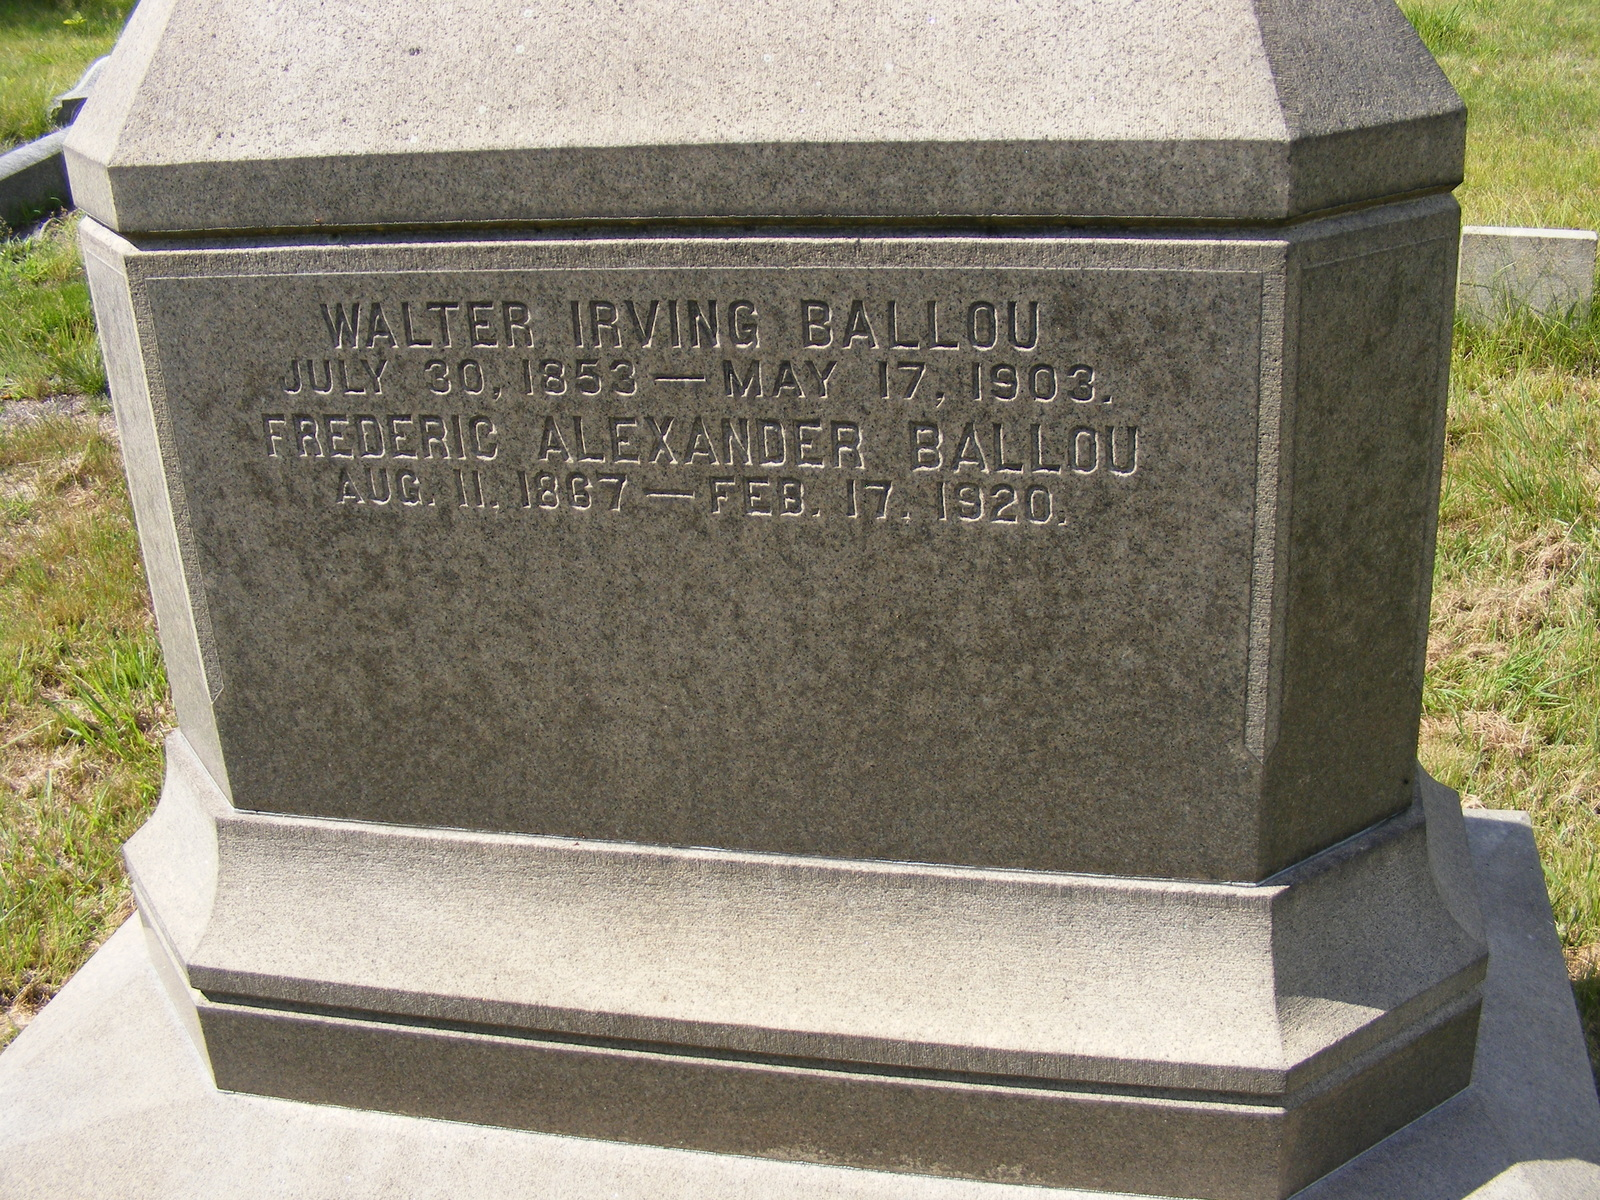 Frederick Alexander Ballou